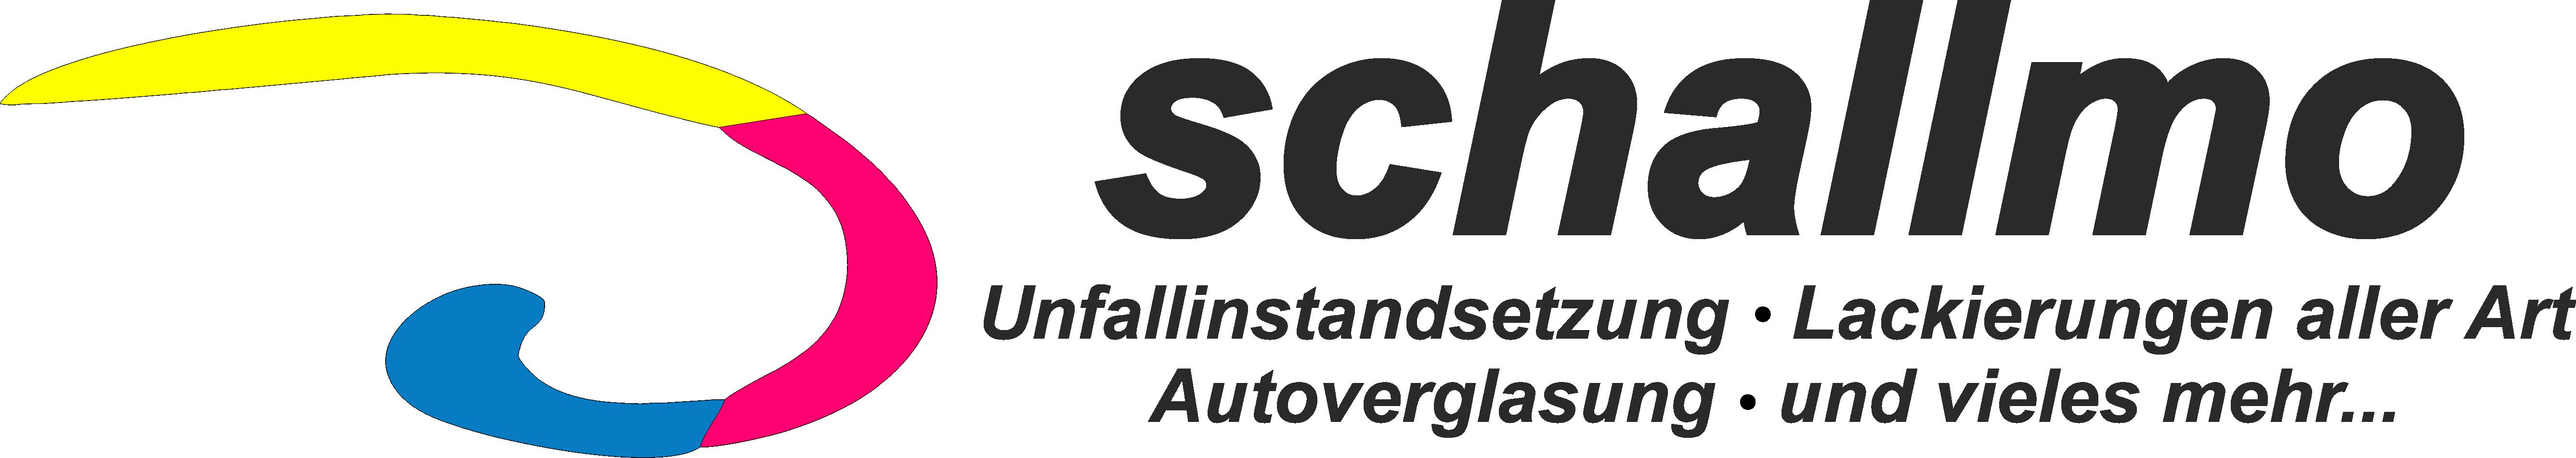 logo-schallmo-4